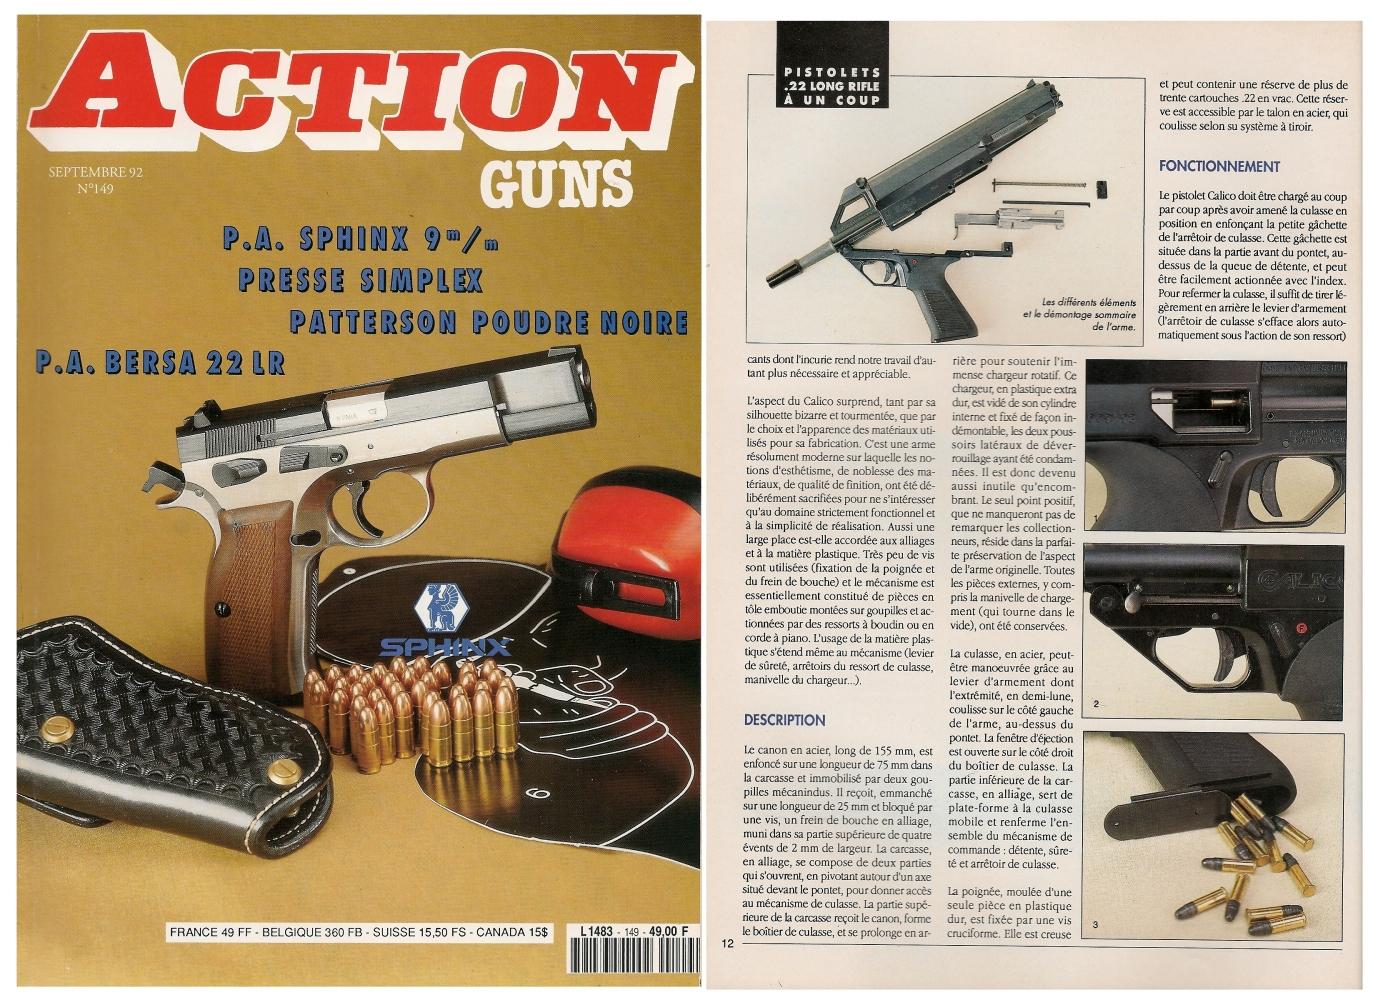 Le banc d'essai du pistolet à un coup Calico M-111 a été publié sur 5 pages dans le magazine Action Guns n°149 (septembre 1992).